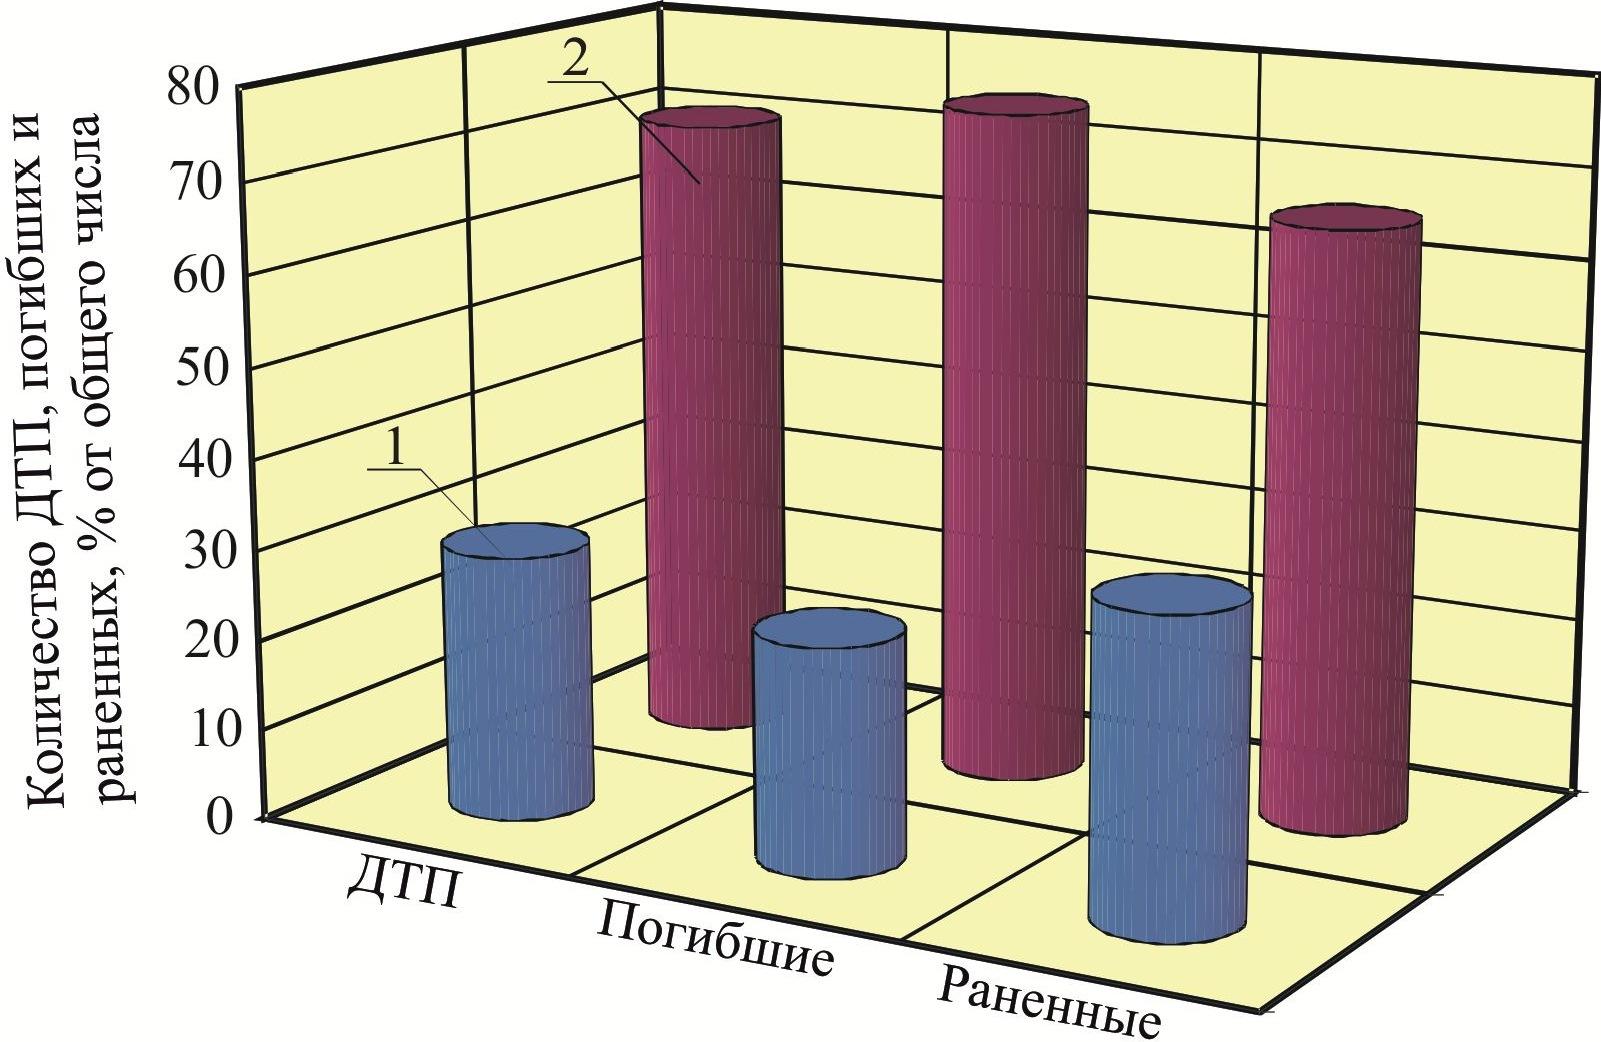 Распределение количества ДТП и их тяжести